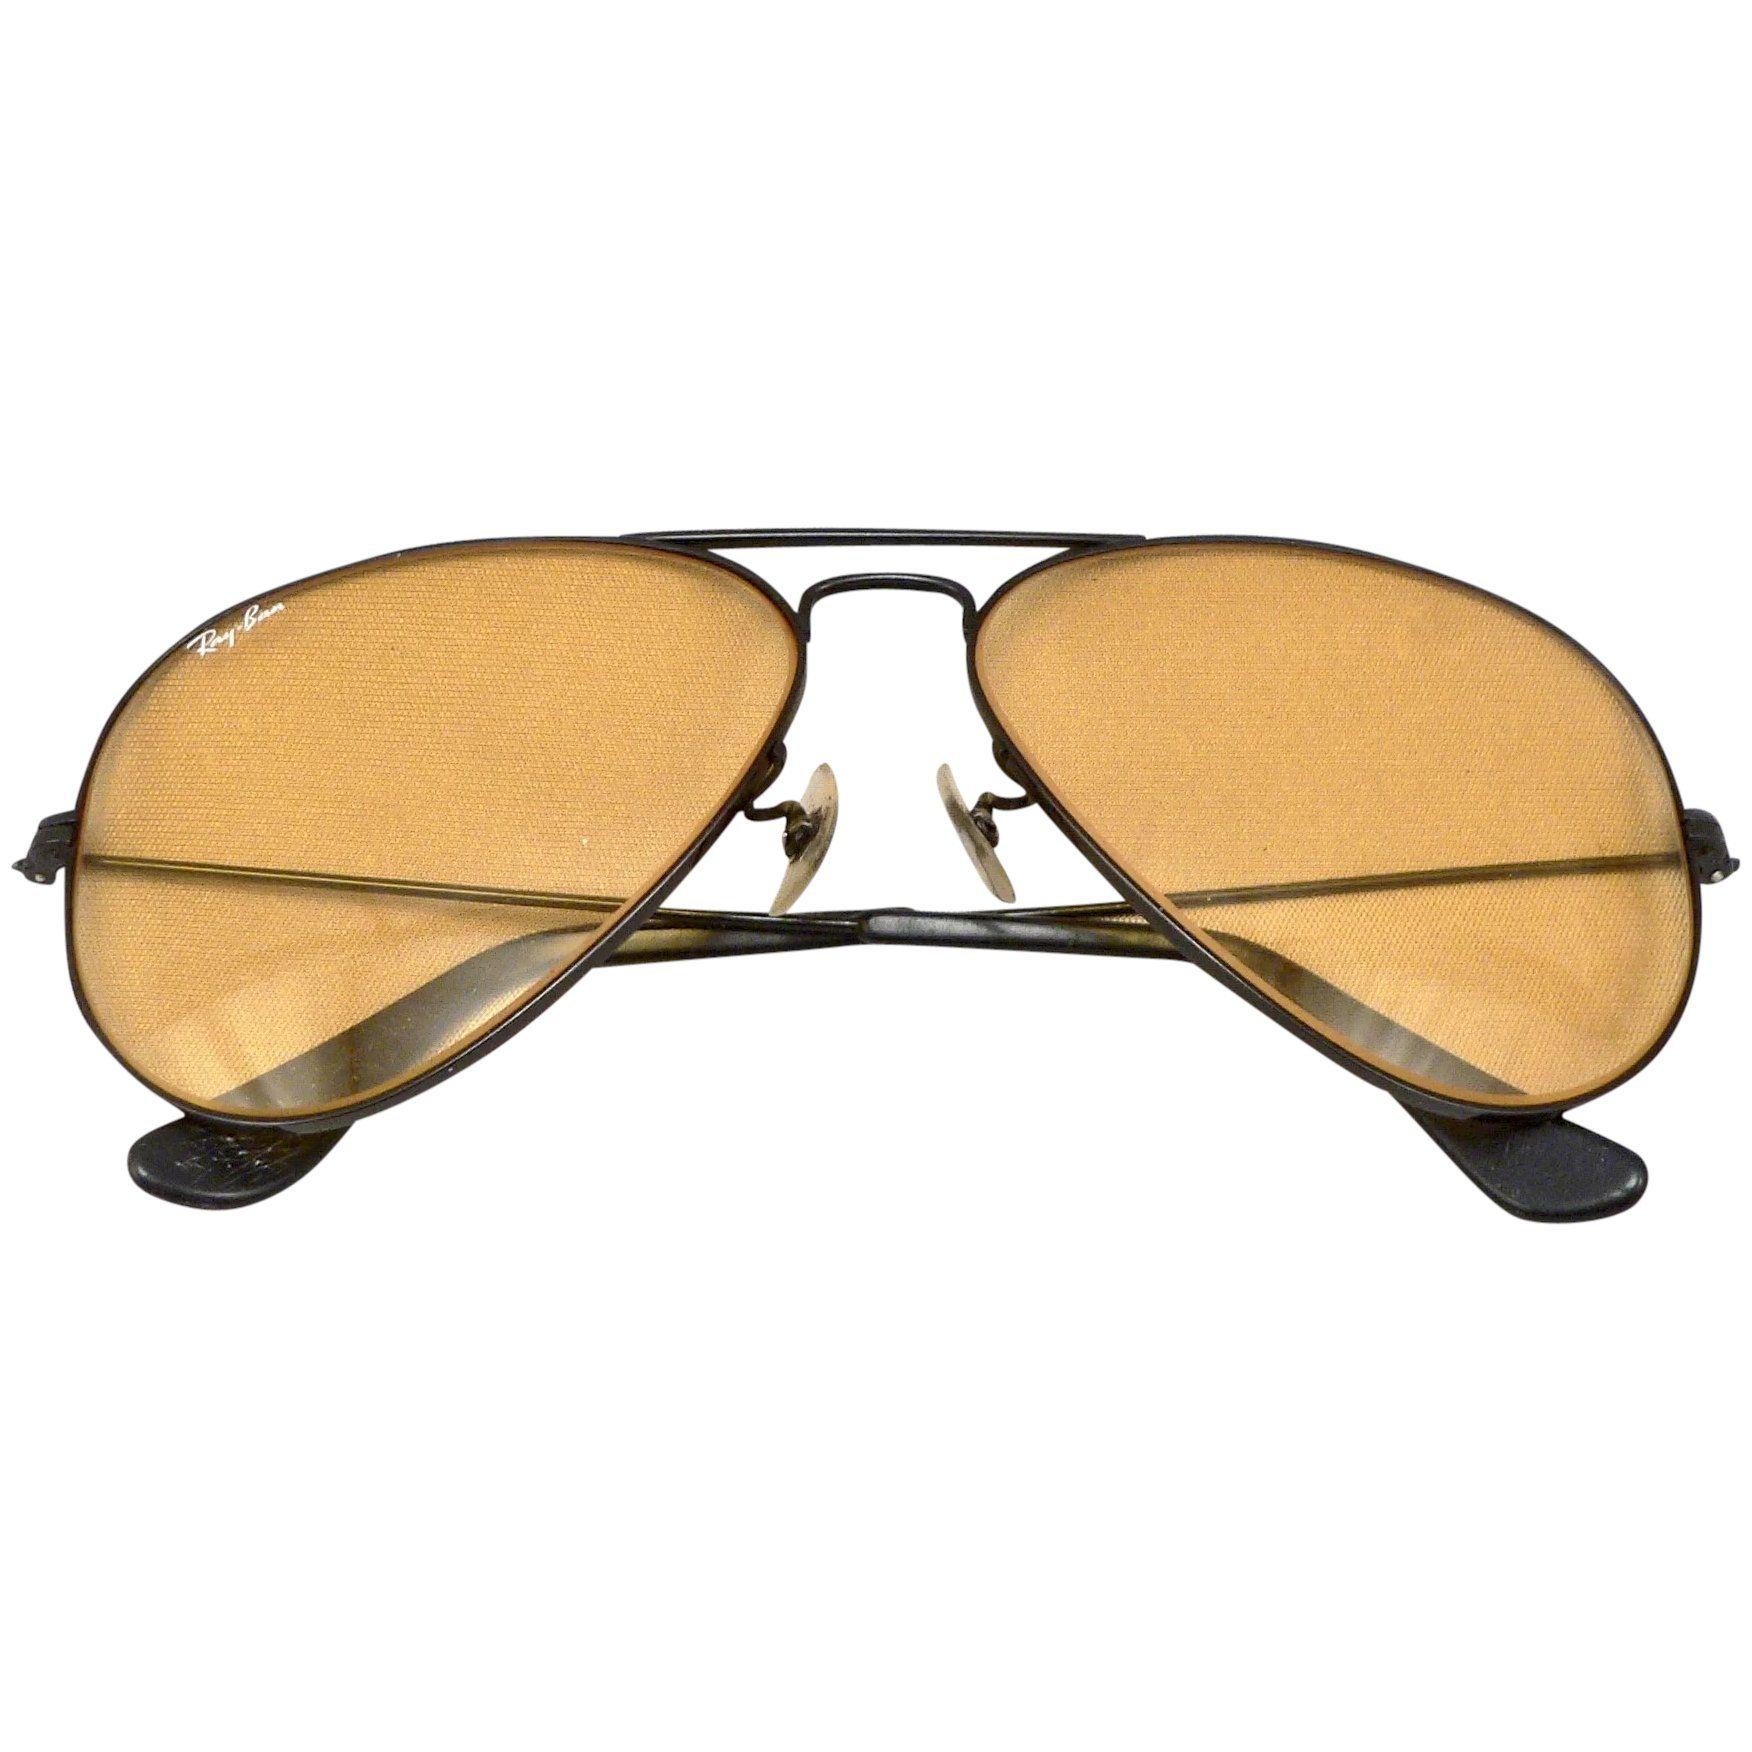 Fogyókúrás szemüveg, Fogyás szemüveg